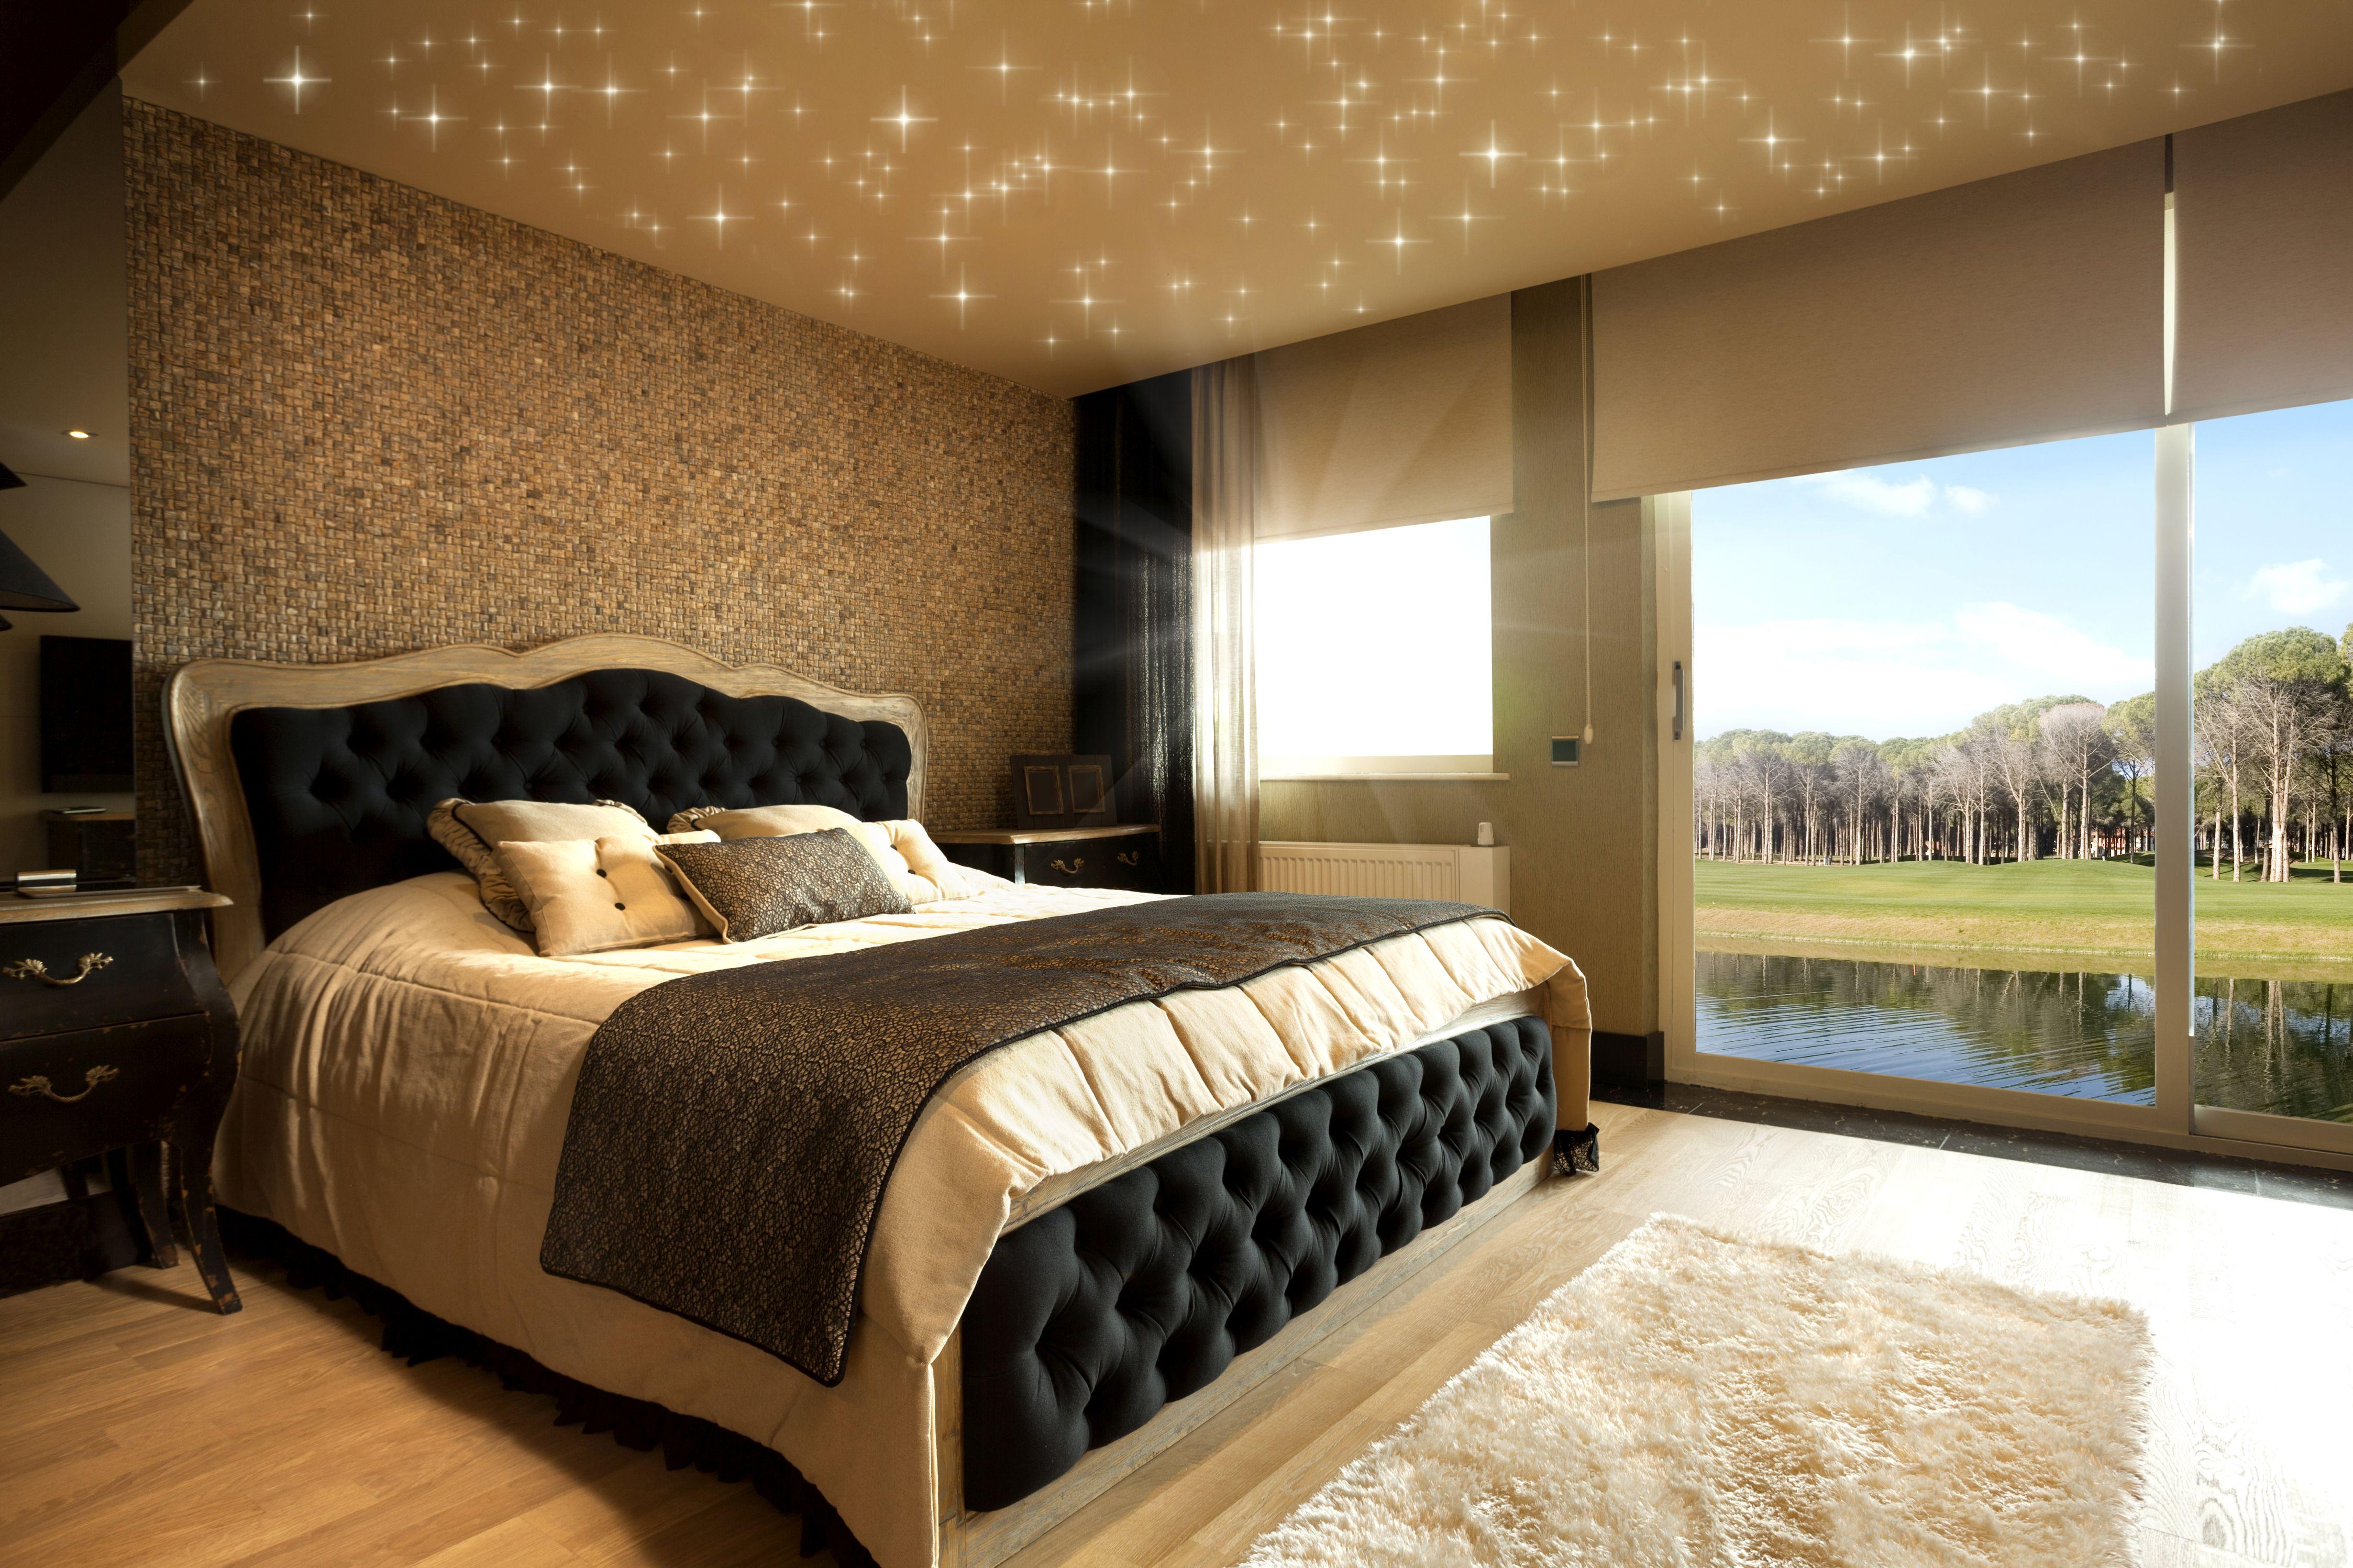 schlafzimmer sternen wir holen ihnen die sterne vom himmel. Black Bedroom Furniture Sets. Home Design Ideas